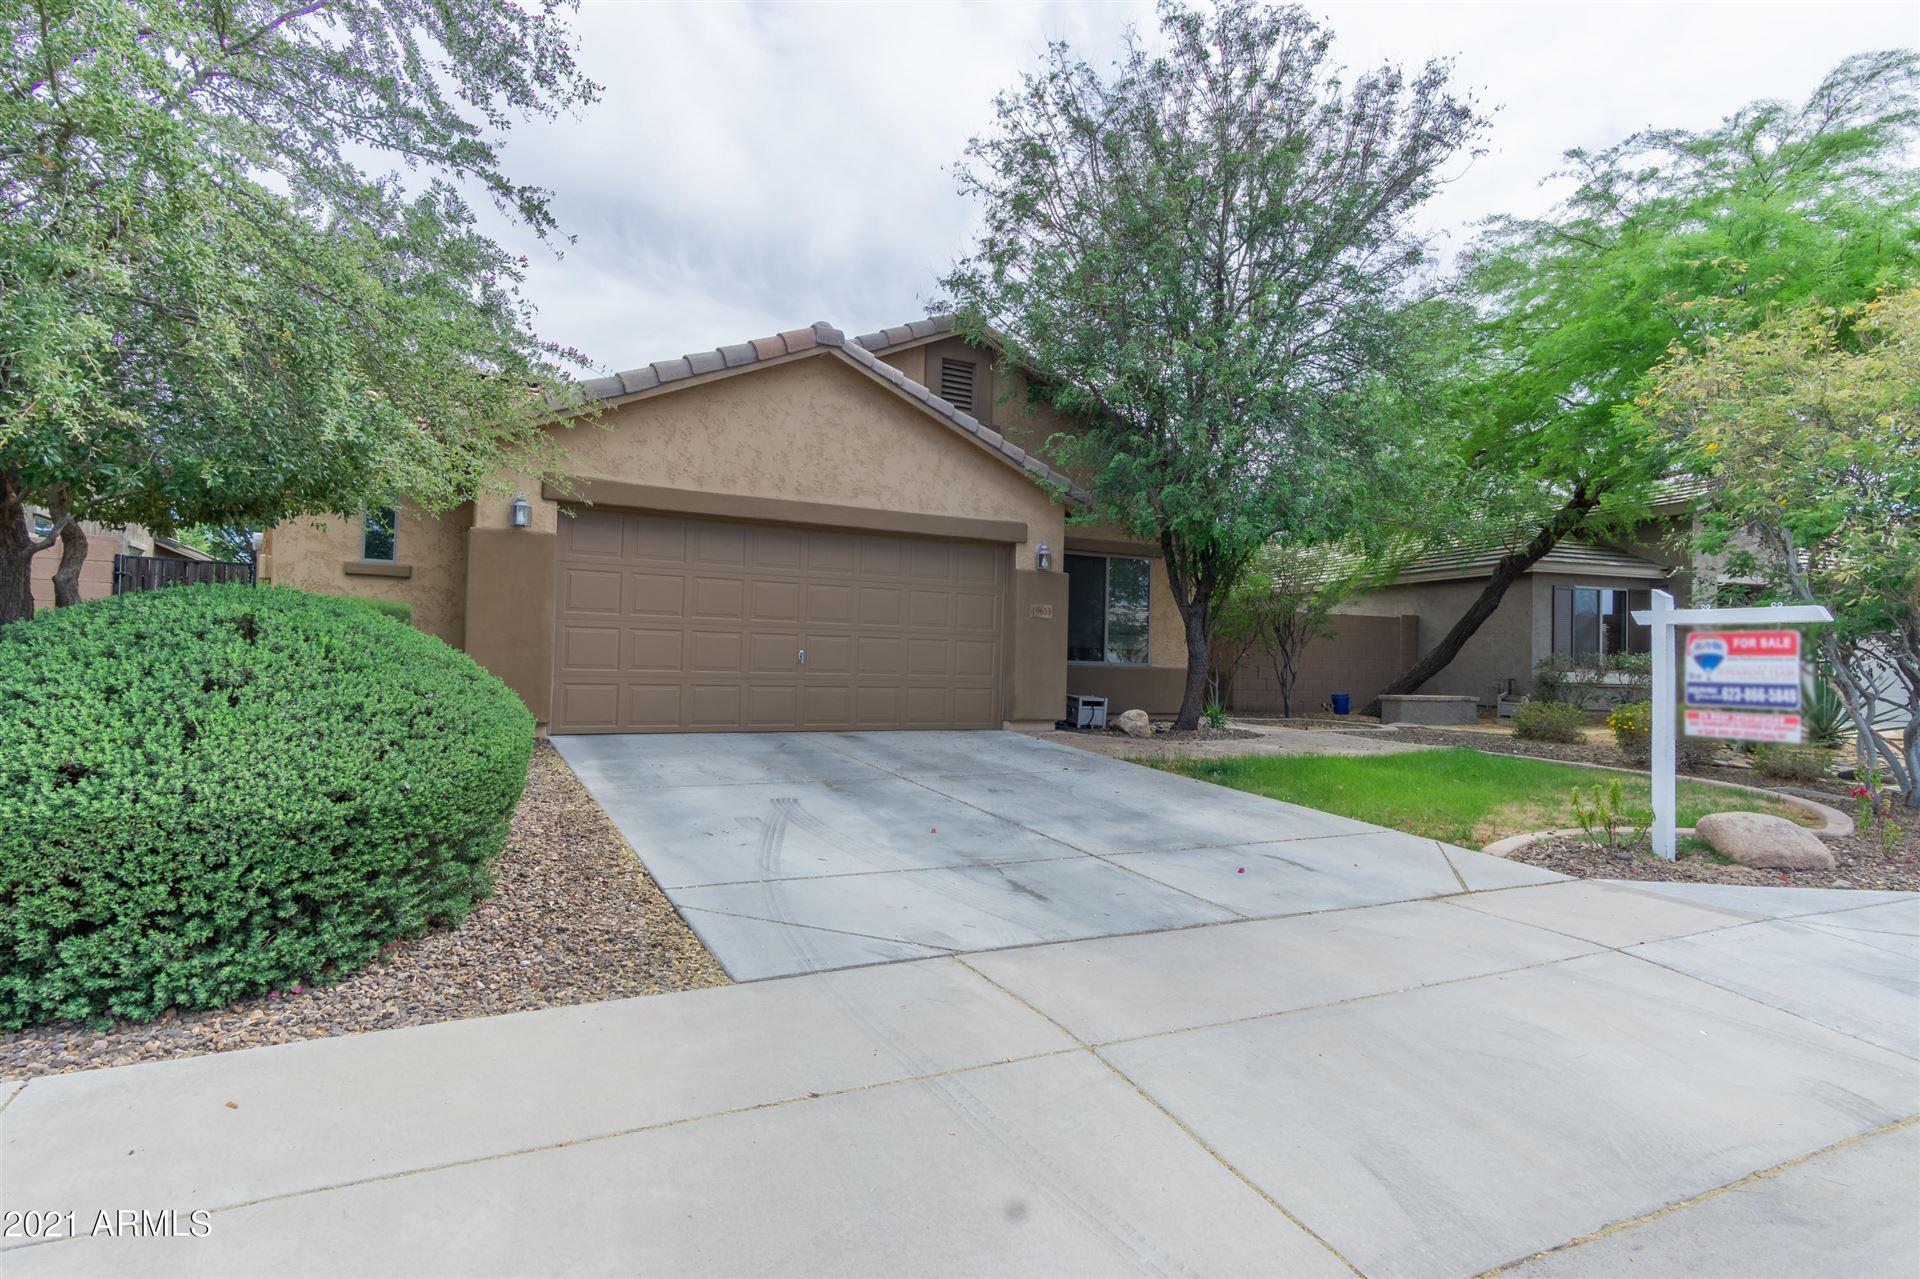 Photo of 19633 W HARRISON Street, Buckeye, AZ 85326 (MLS # 6230046)